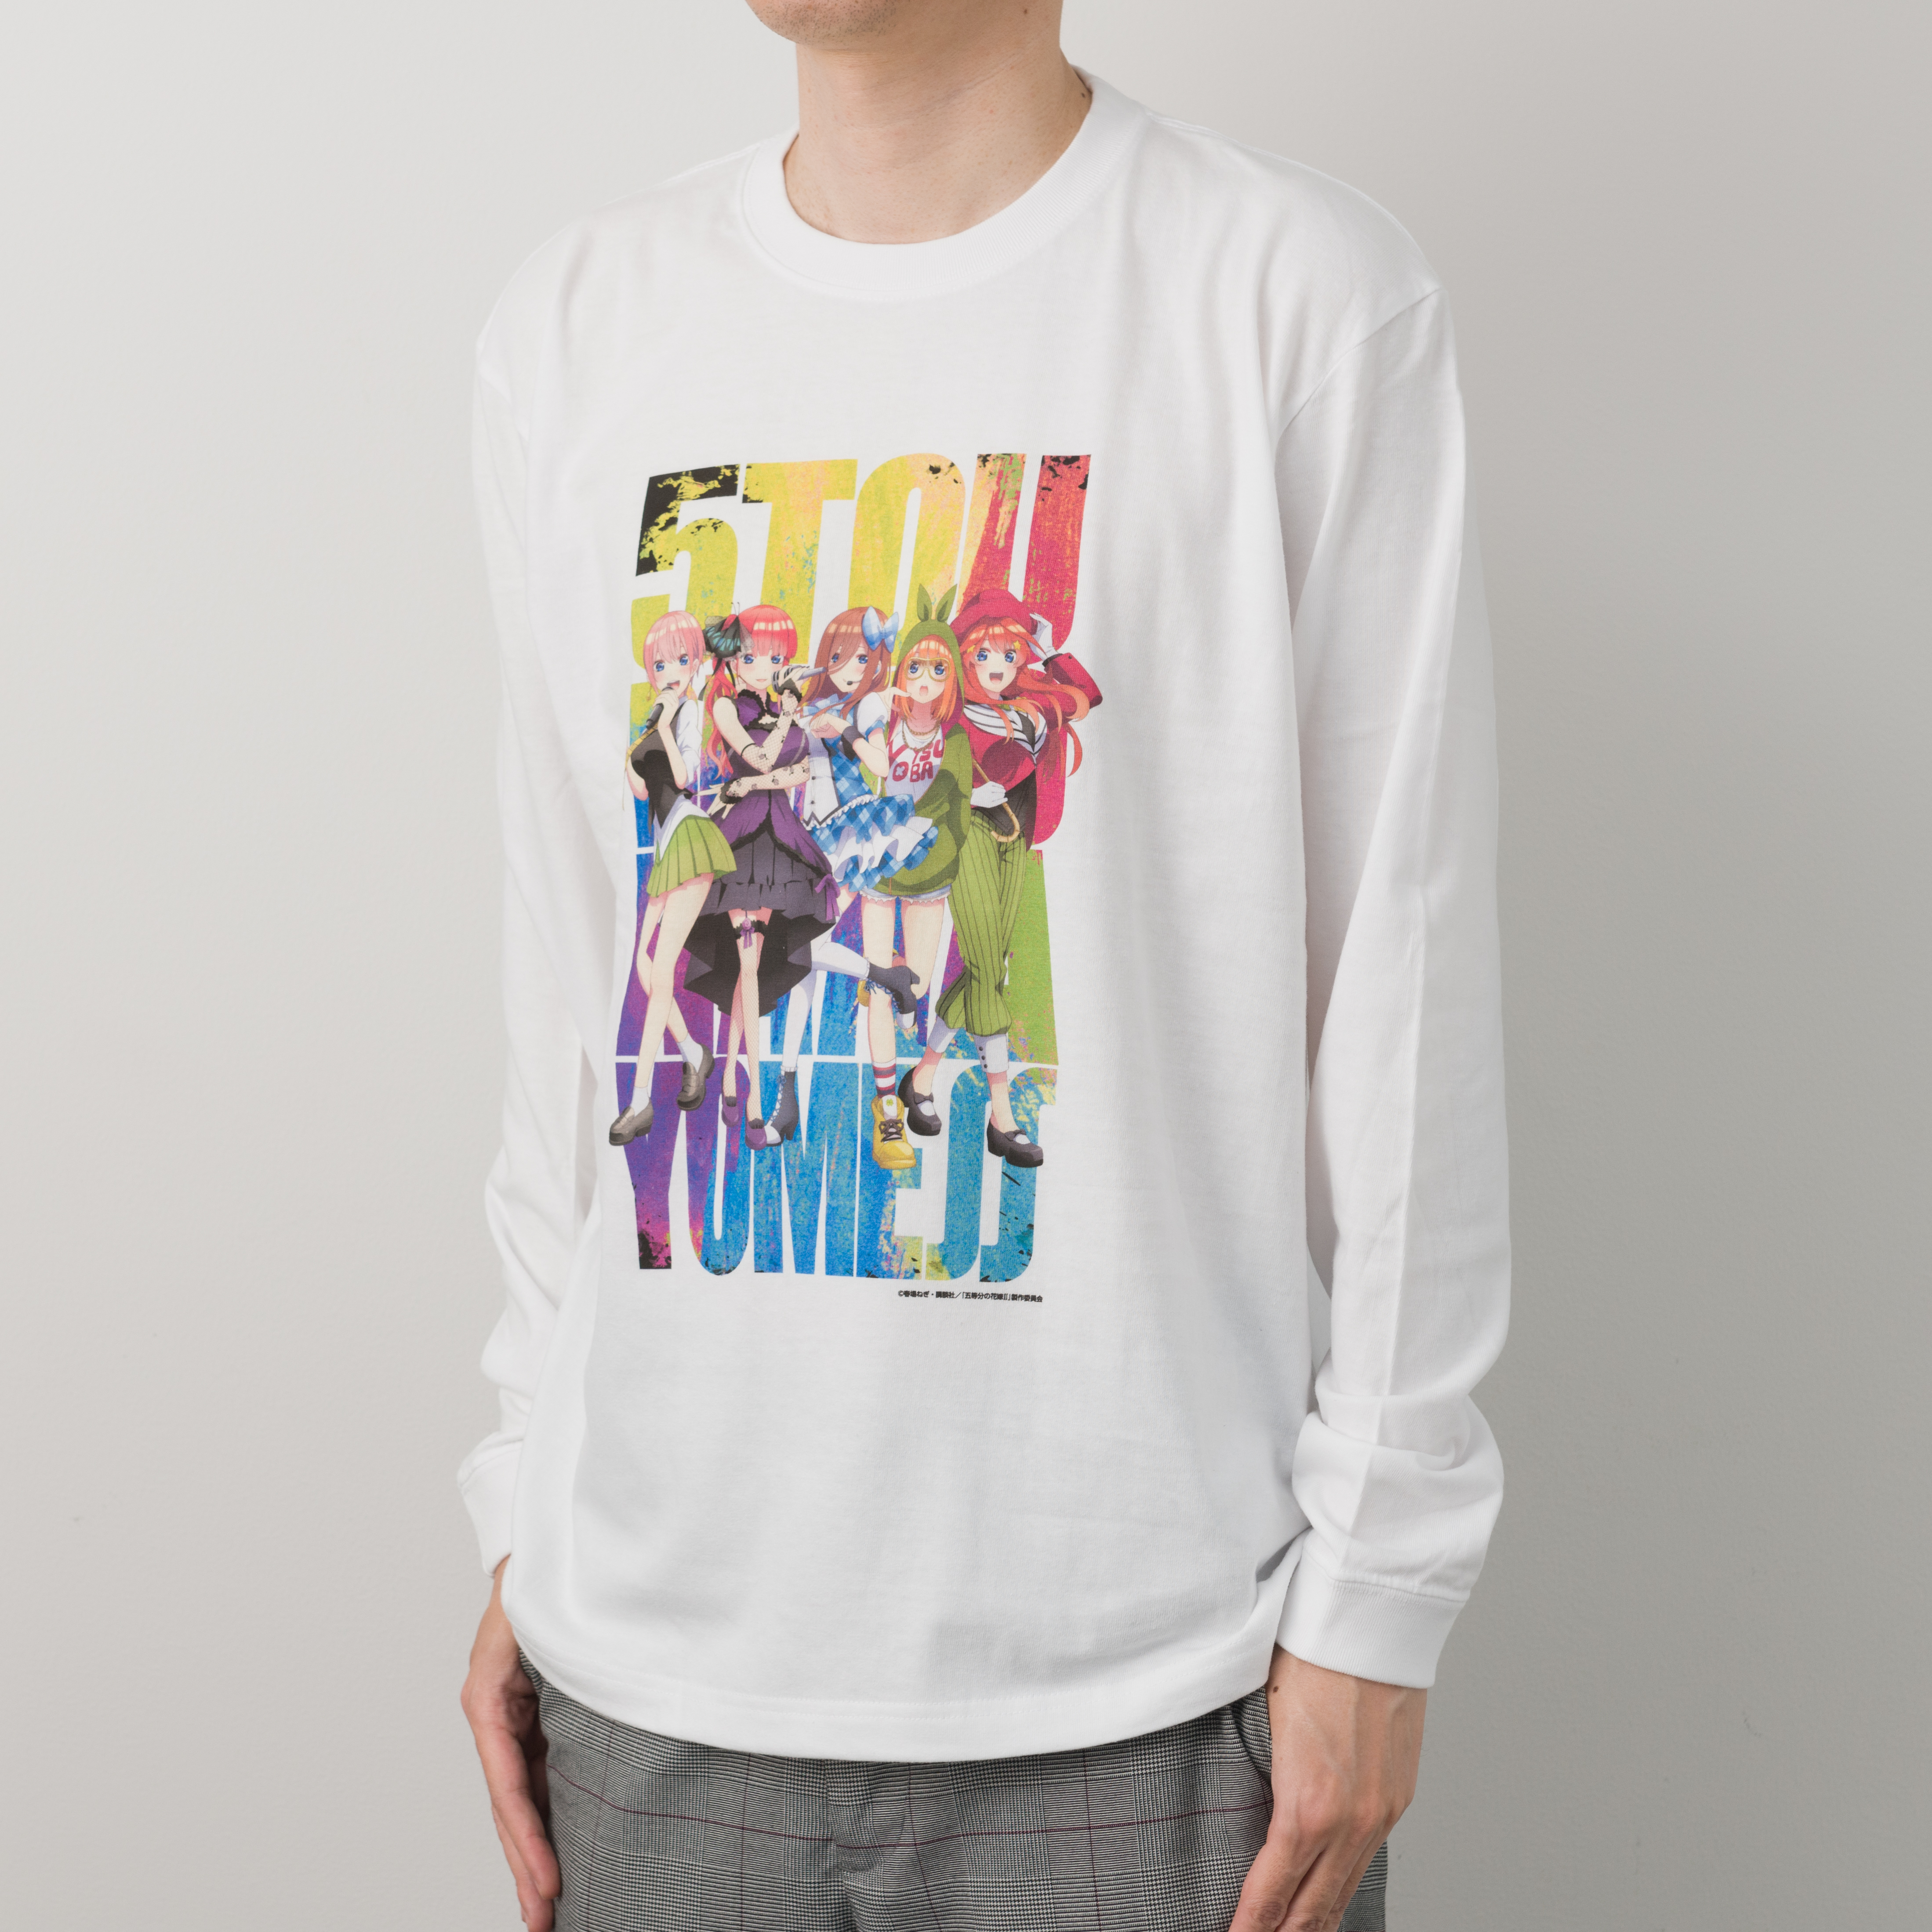 【新発売】SMRGS141_五等分の花嫁∬ ロングスリーブTシャツ ホワイトL ※3月15日以降順次お届け予定